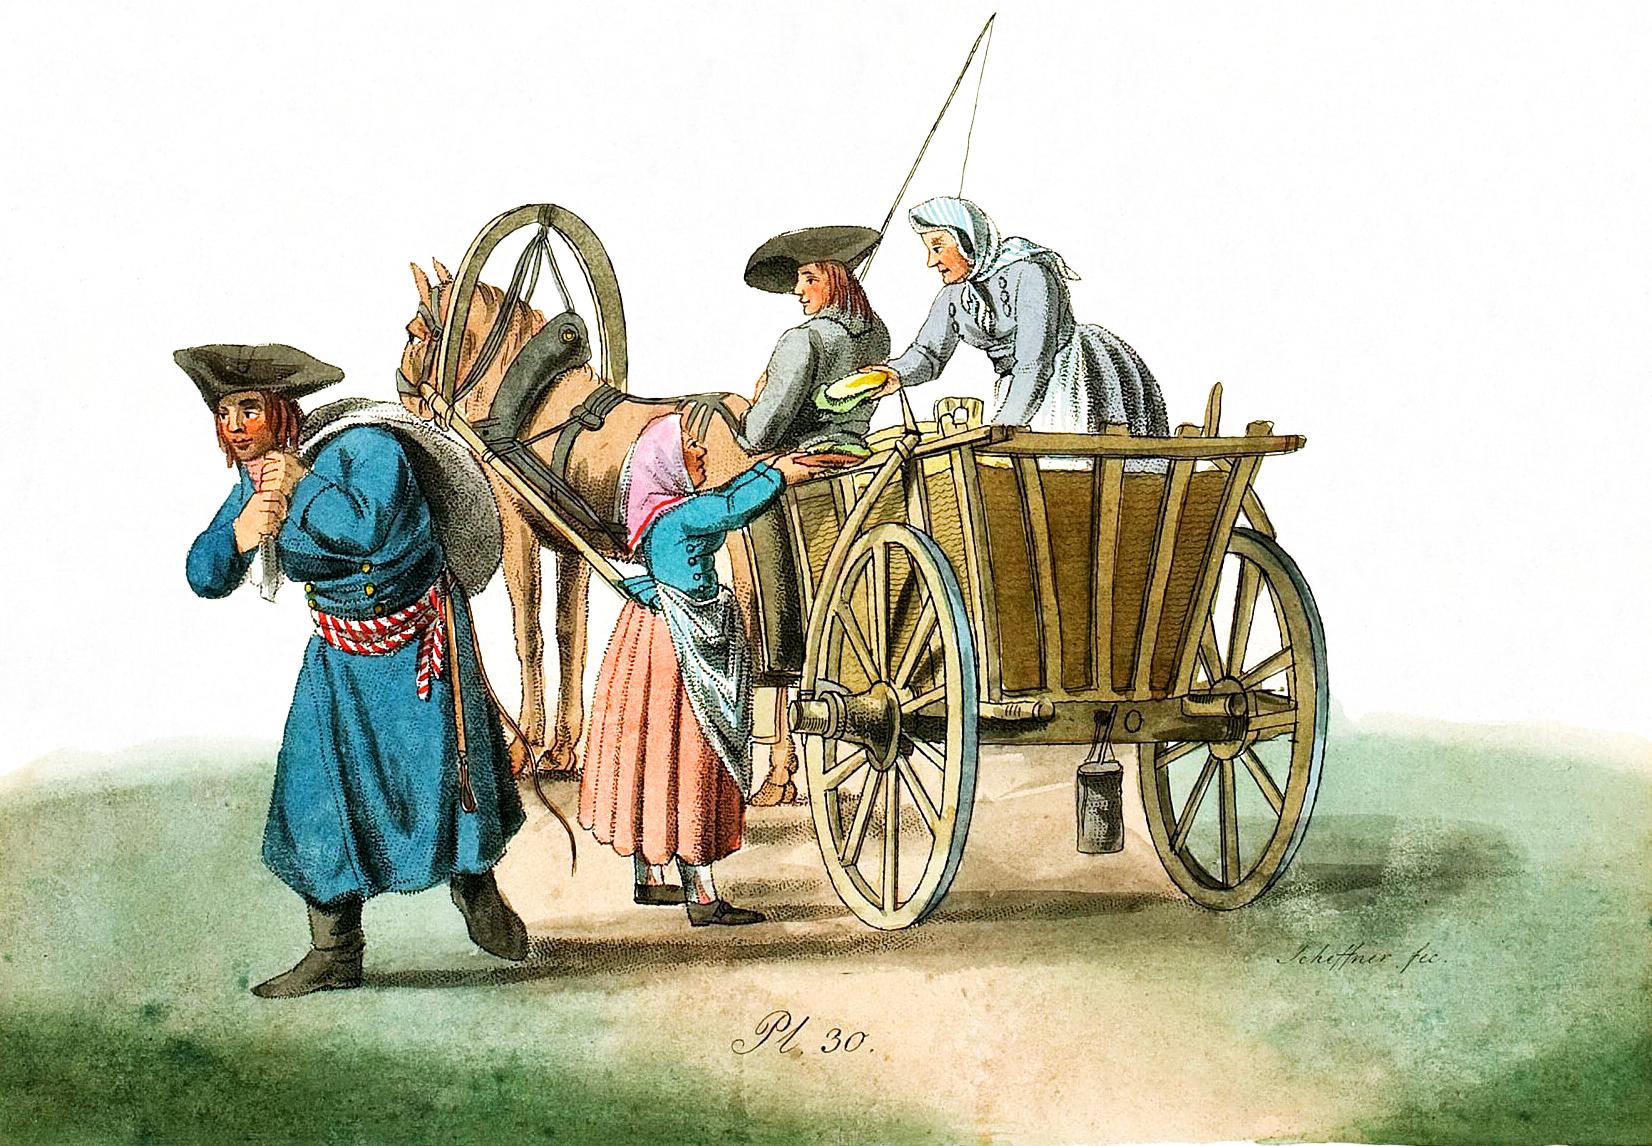 30. Deutschen Kolonisten, die ihren Wagen abladen / �������� ���������, ����������� ����� � ������